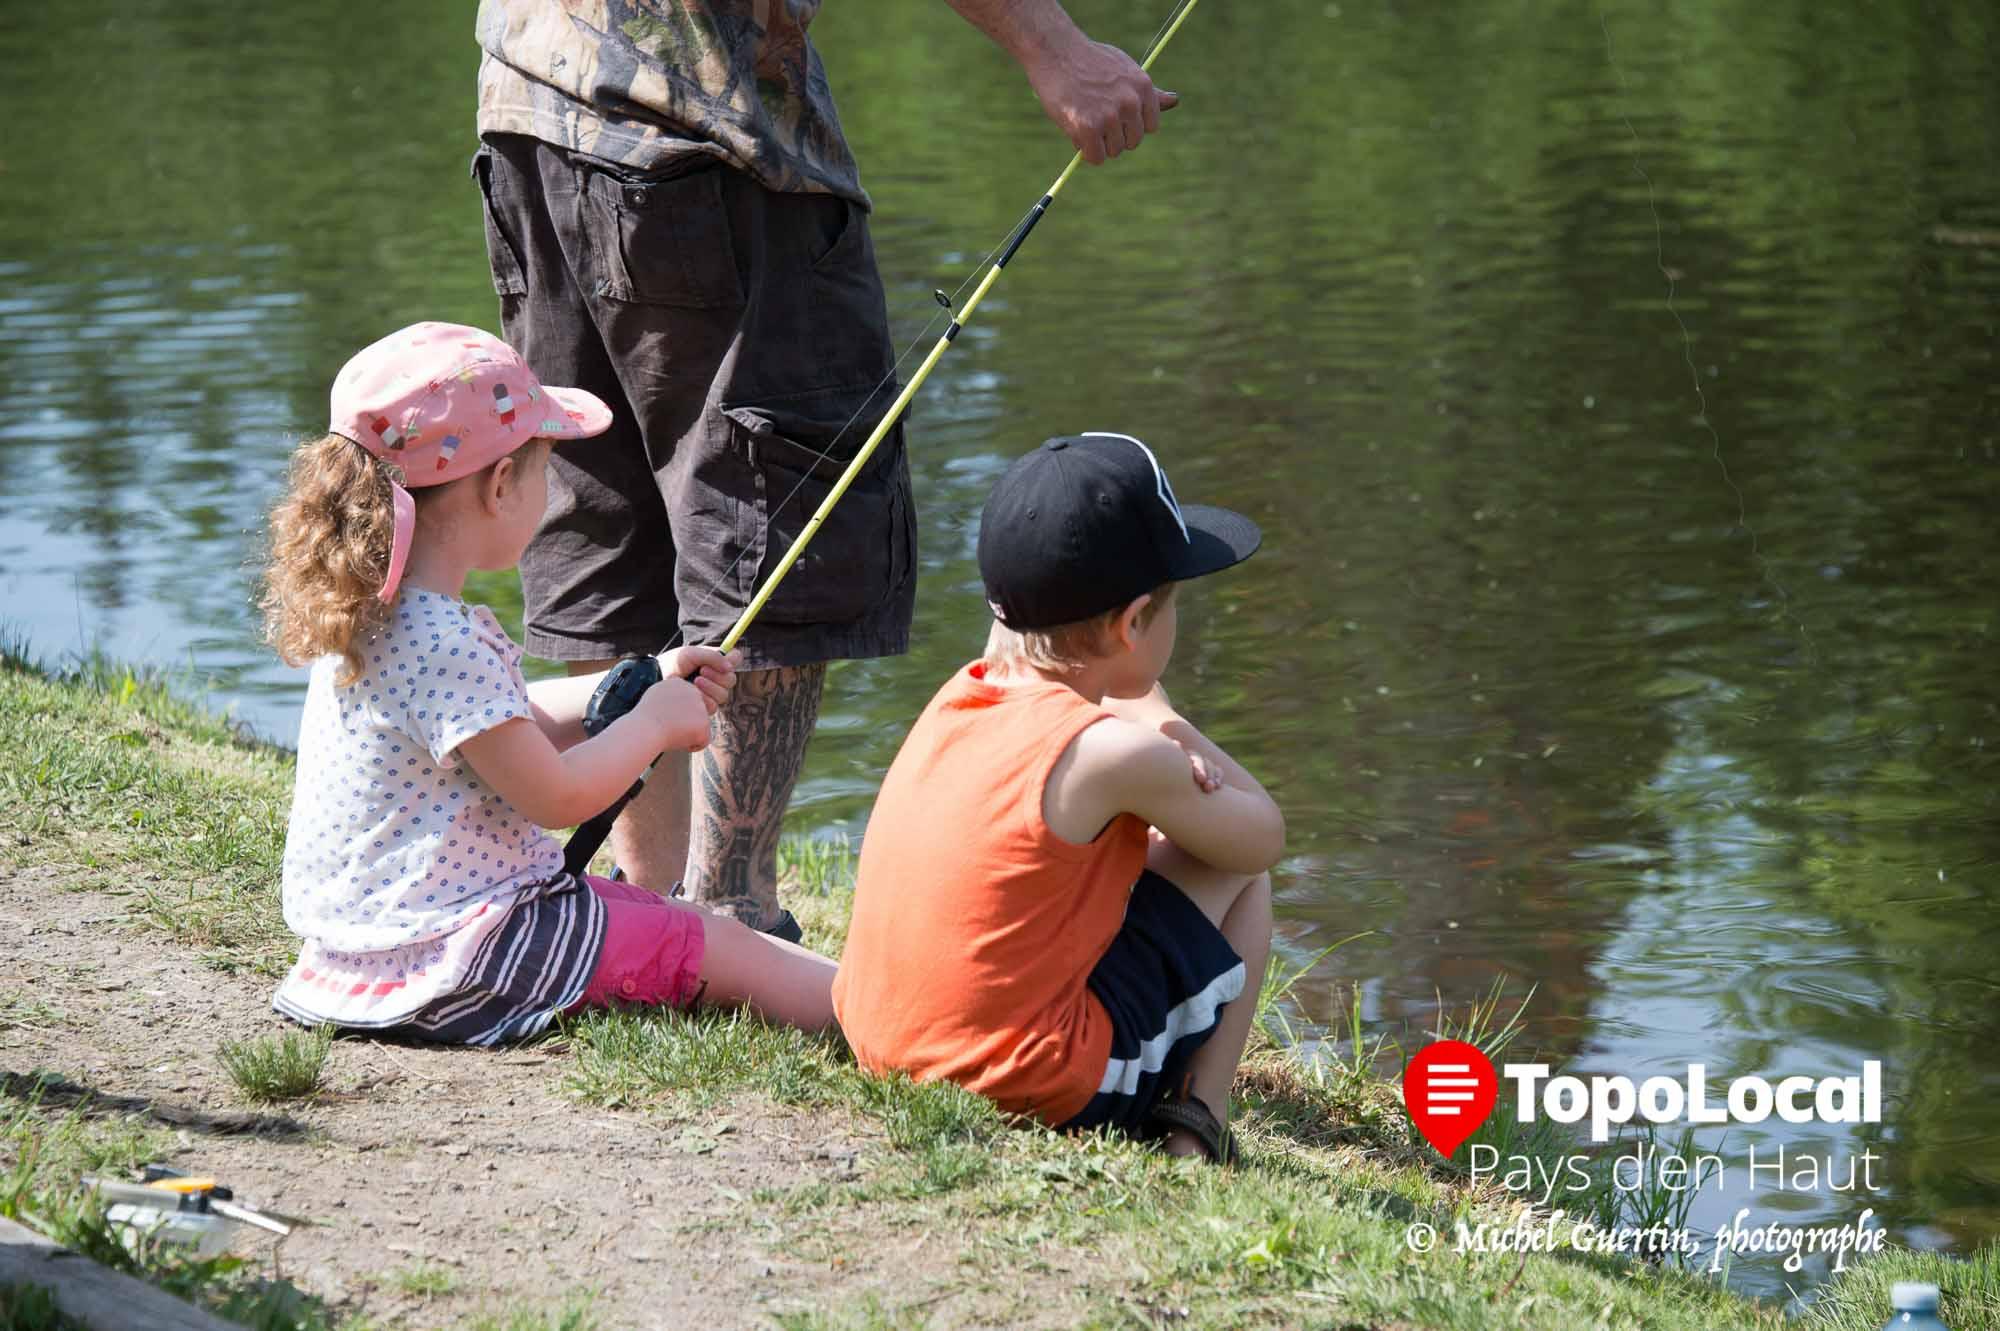 Pour plusieurs jeunes c'était normal d'attendre patiemment que la truite s'attaque à leur ligne. Ils en ont de la patience.